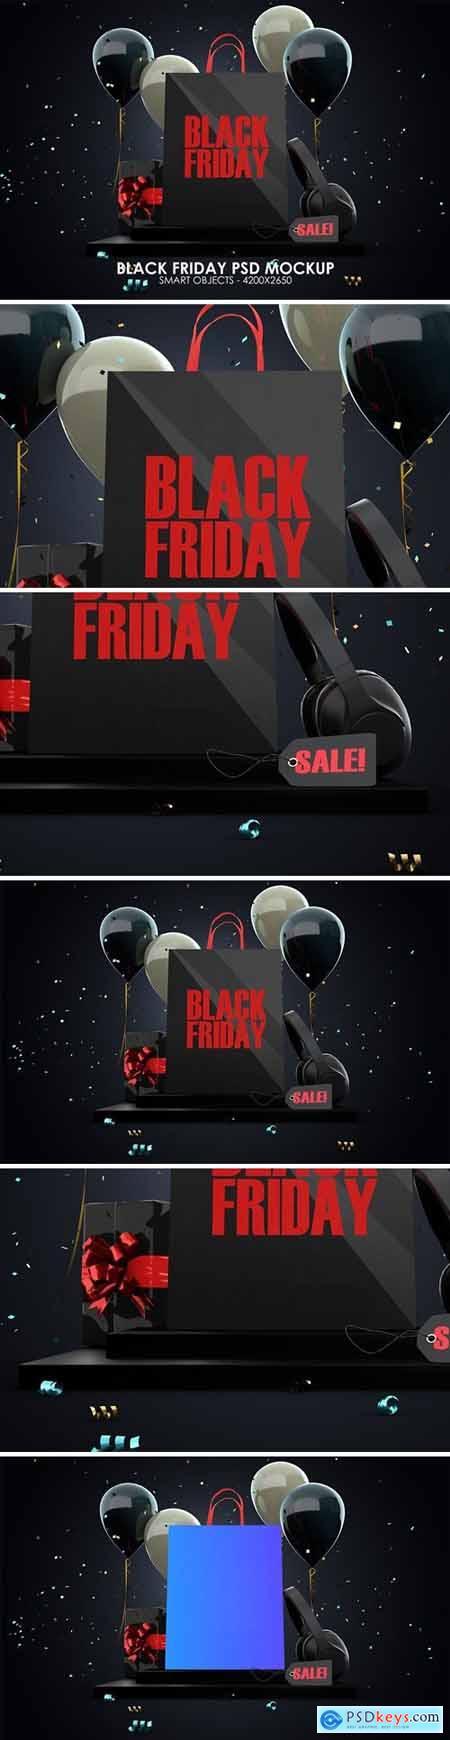 Shopping Bag Black Friday PSD Mockup